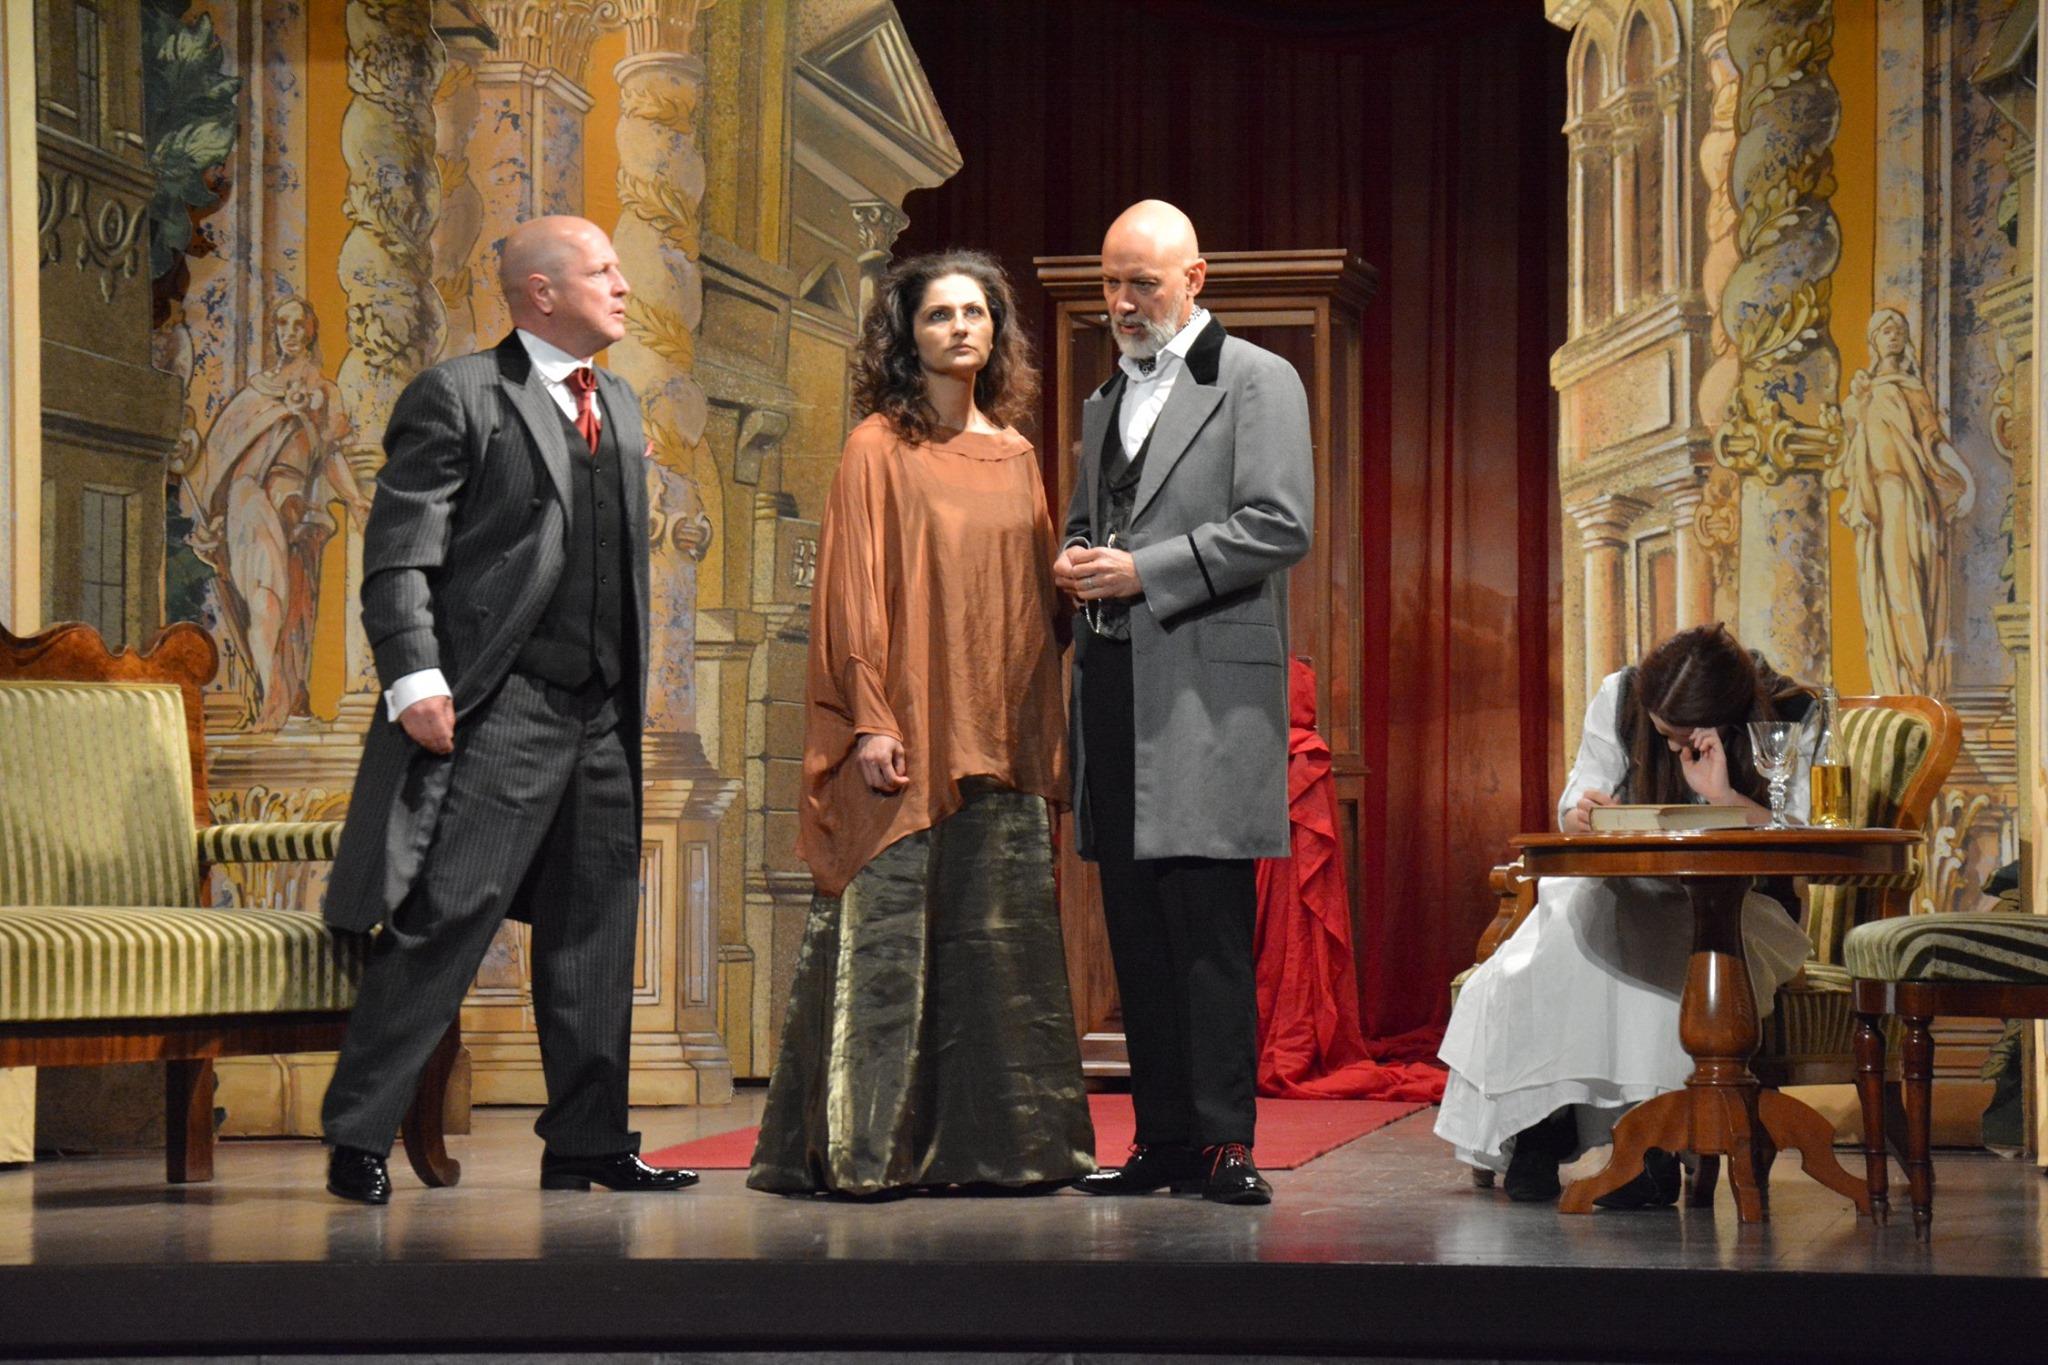 Léda – Színházavató ősbemutató a Királyi Kastélyban